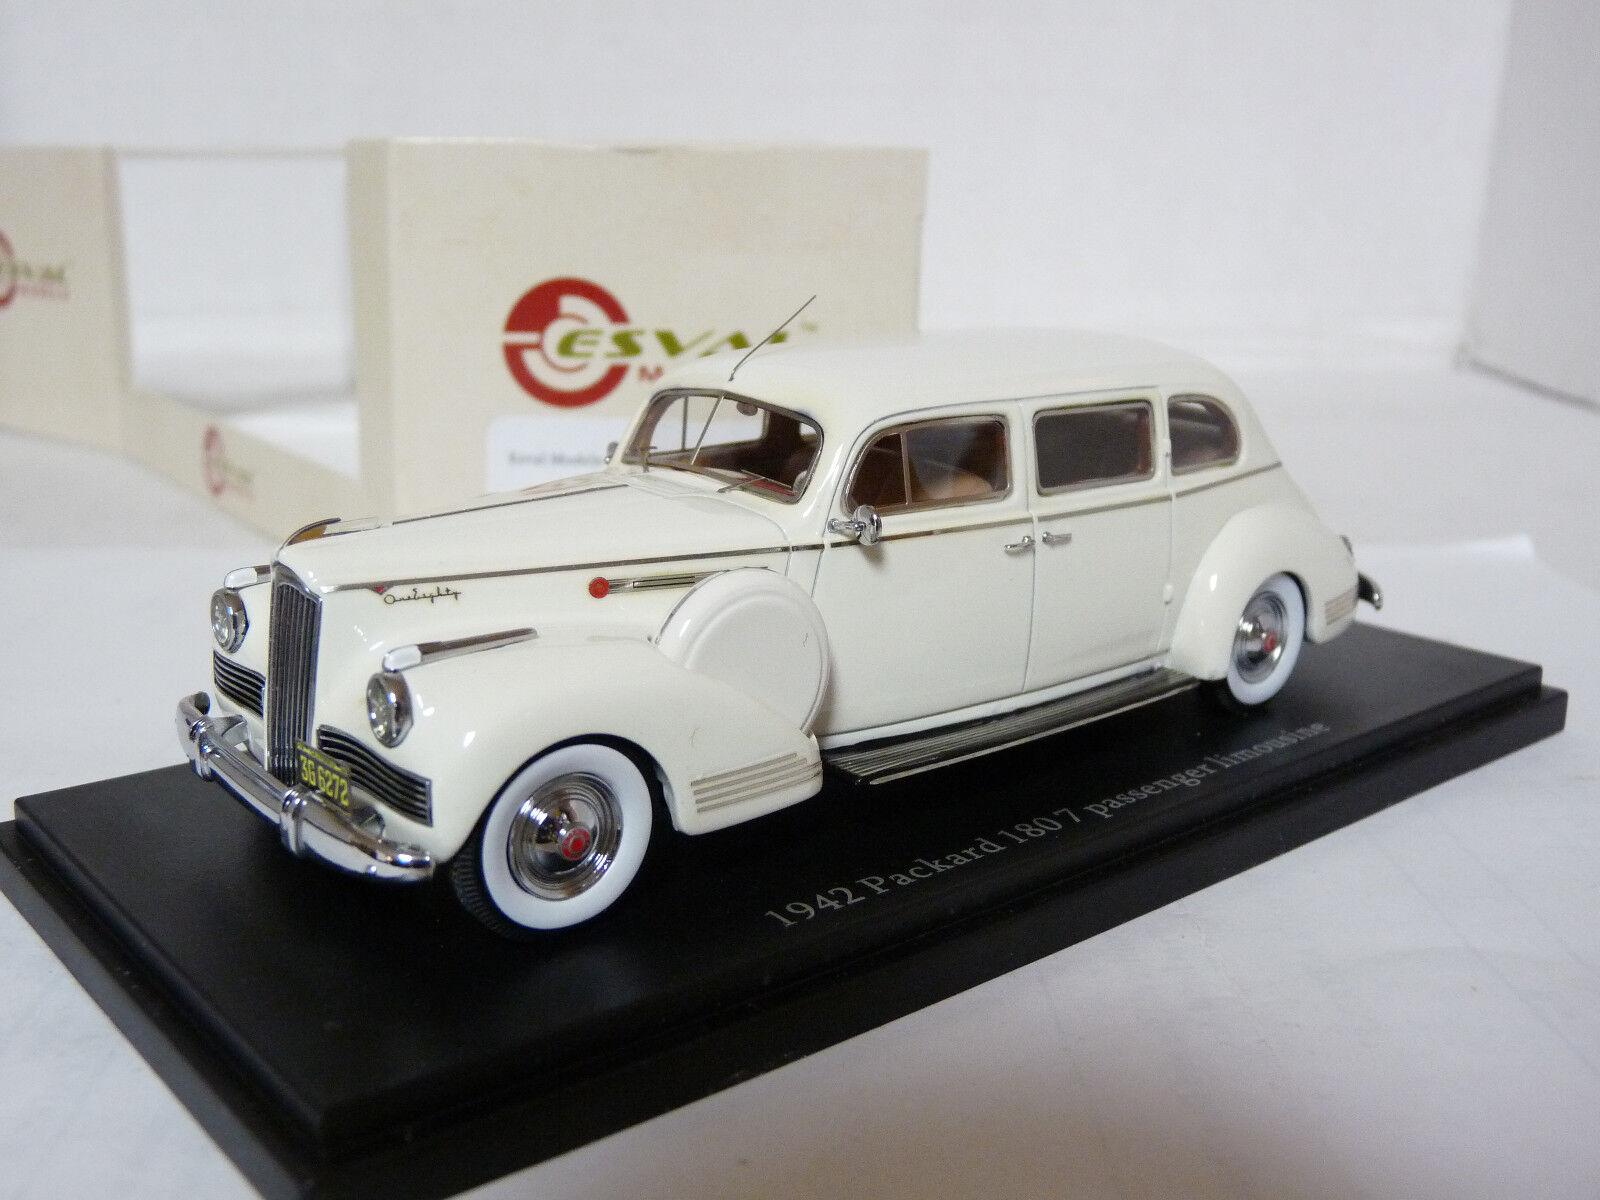 Envíos y devoluciones gratis. Esval emuspa 43000000002B 1 43 1942 1942 1942 Coche Modelo de Resina limusina Packard 180  los clientes primero